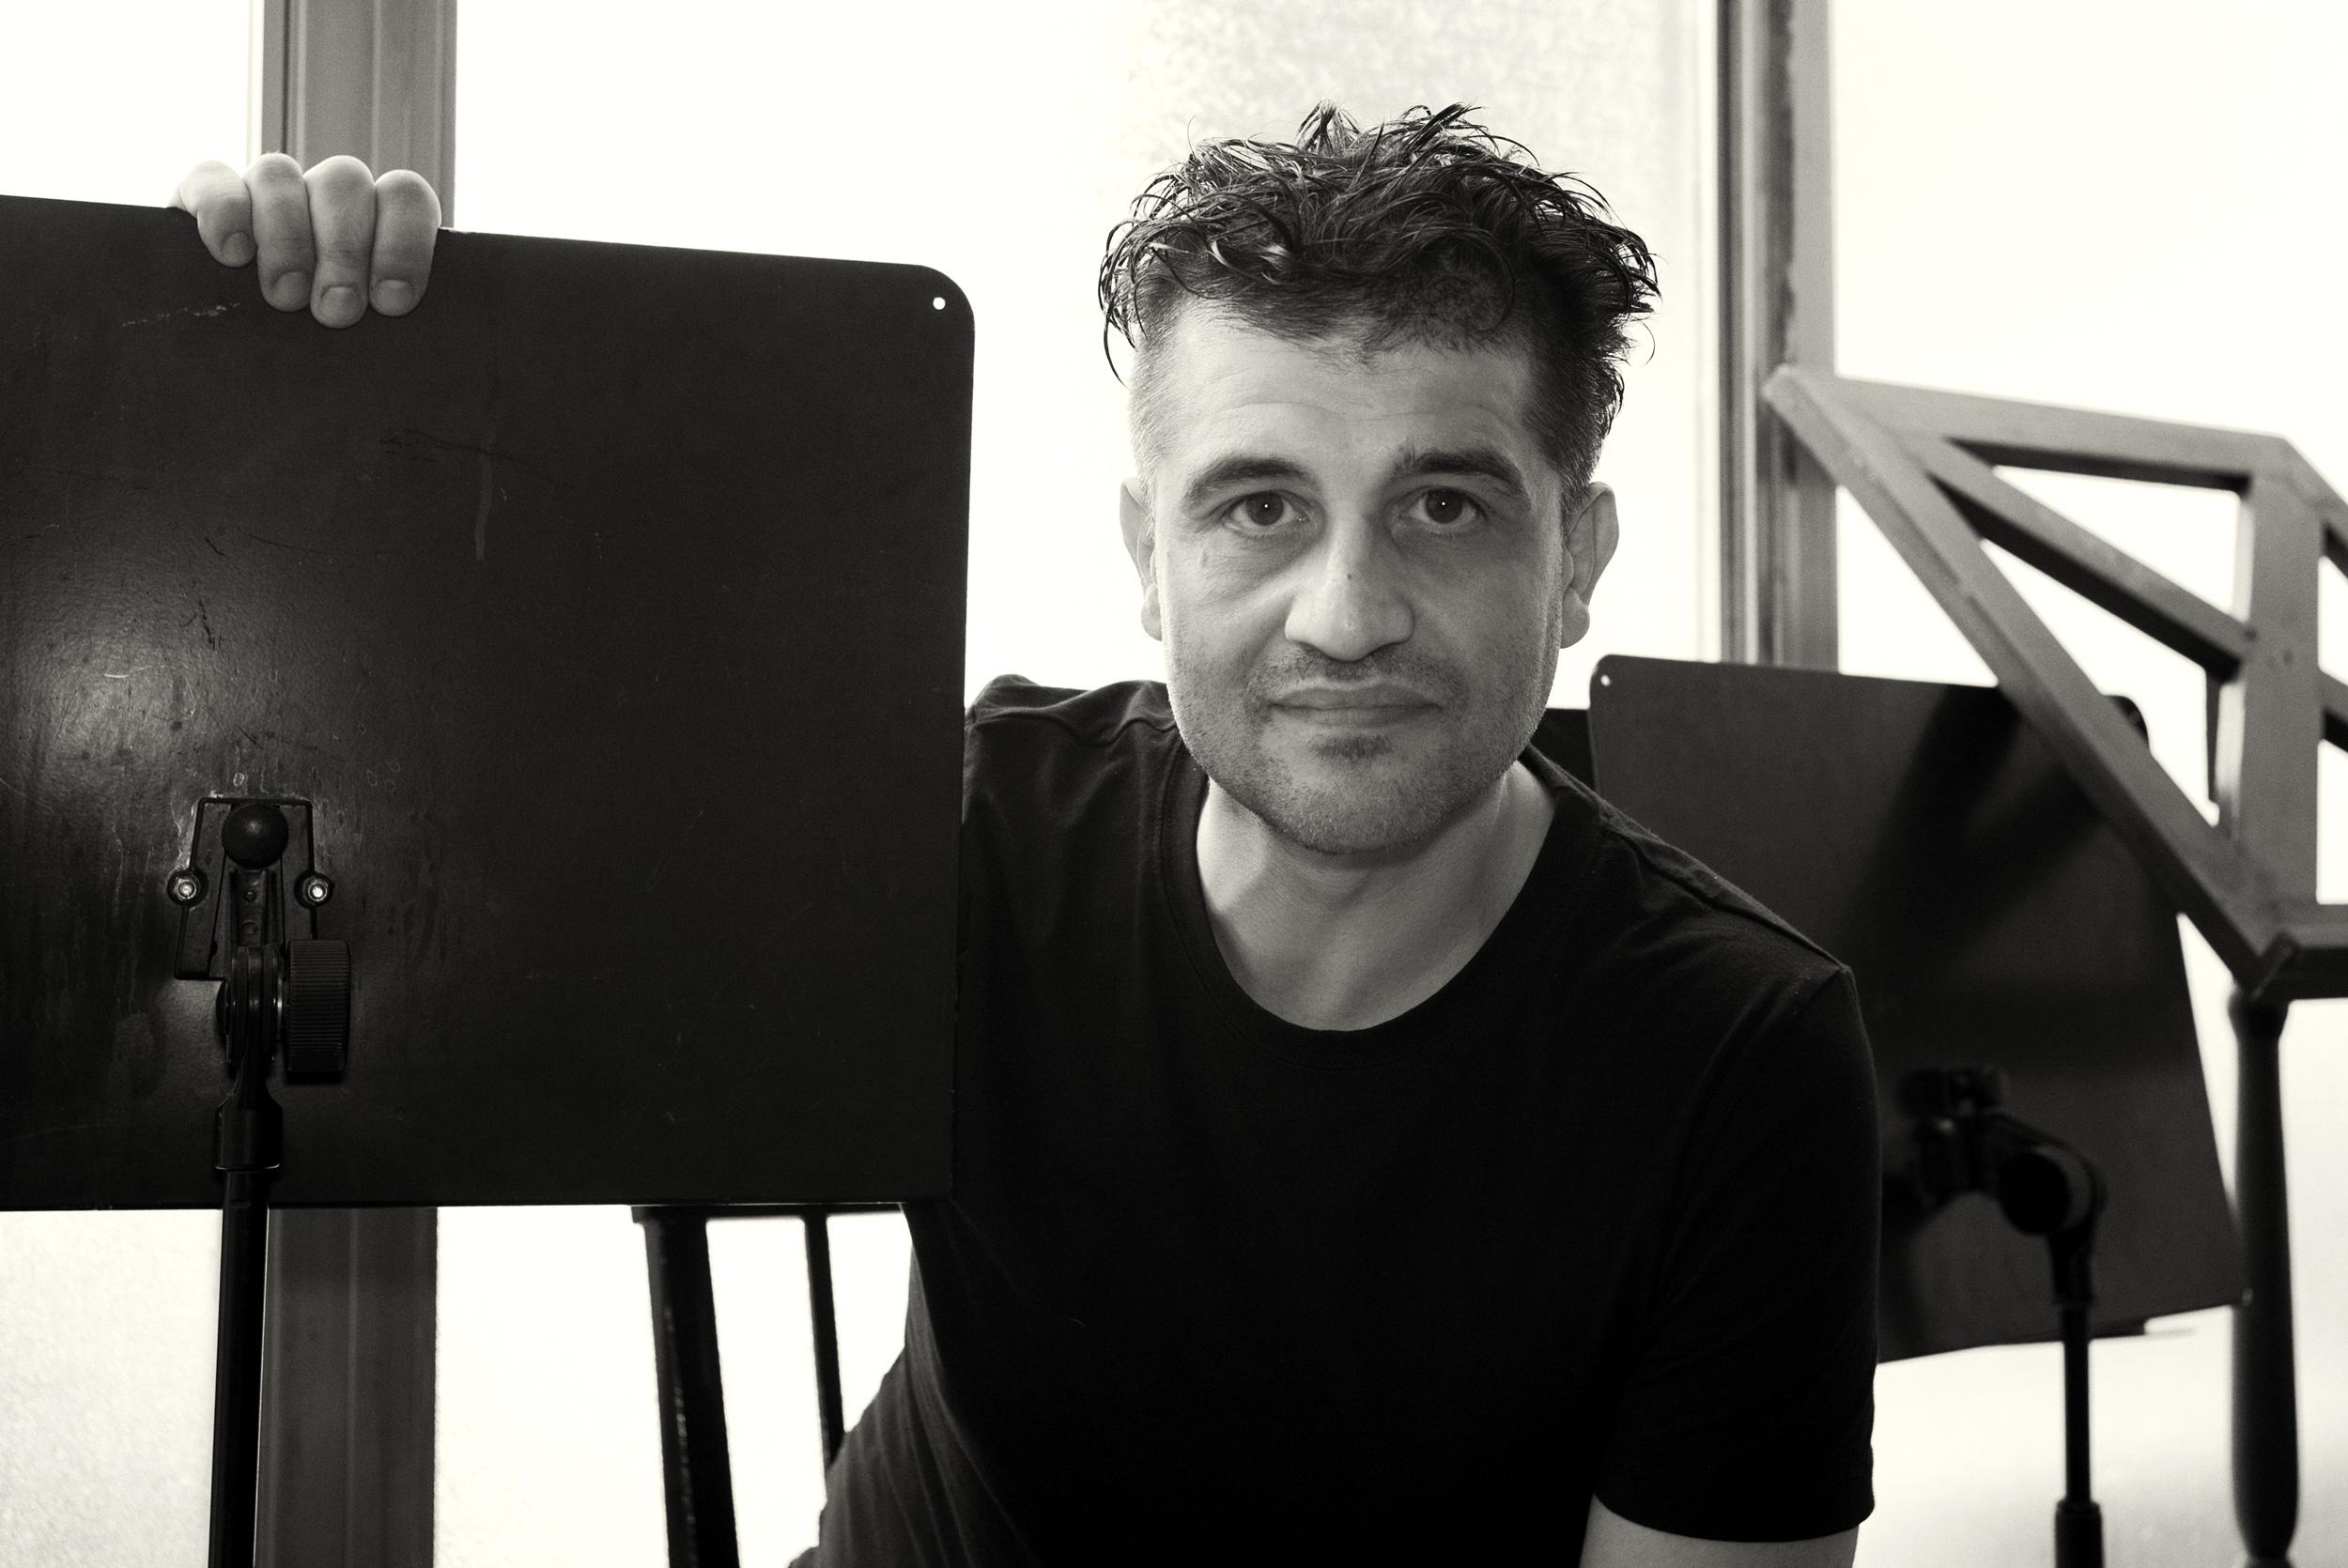 Ο σκηνοθέτης Σίμος Κακάλας